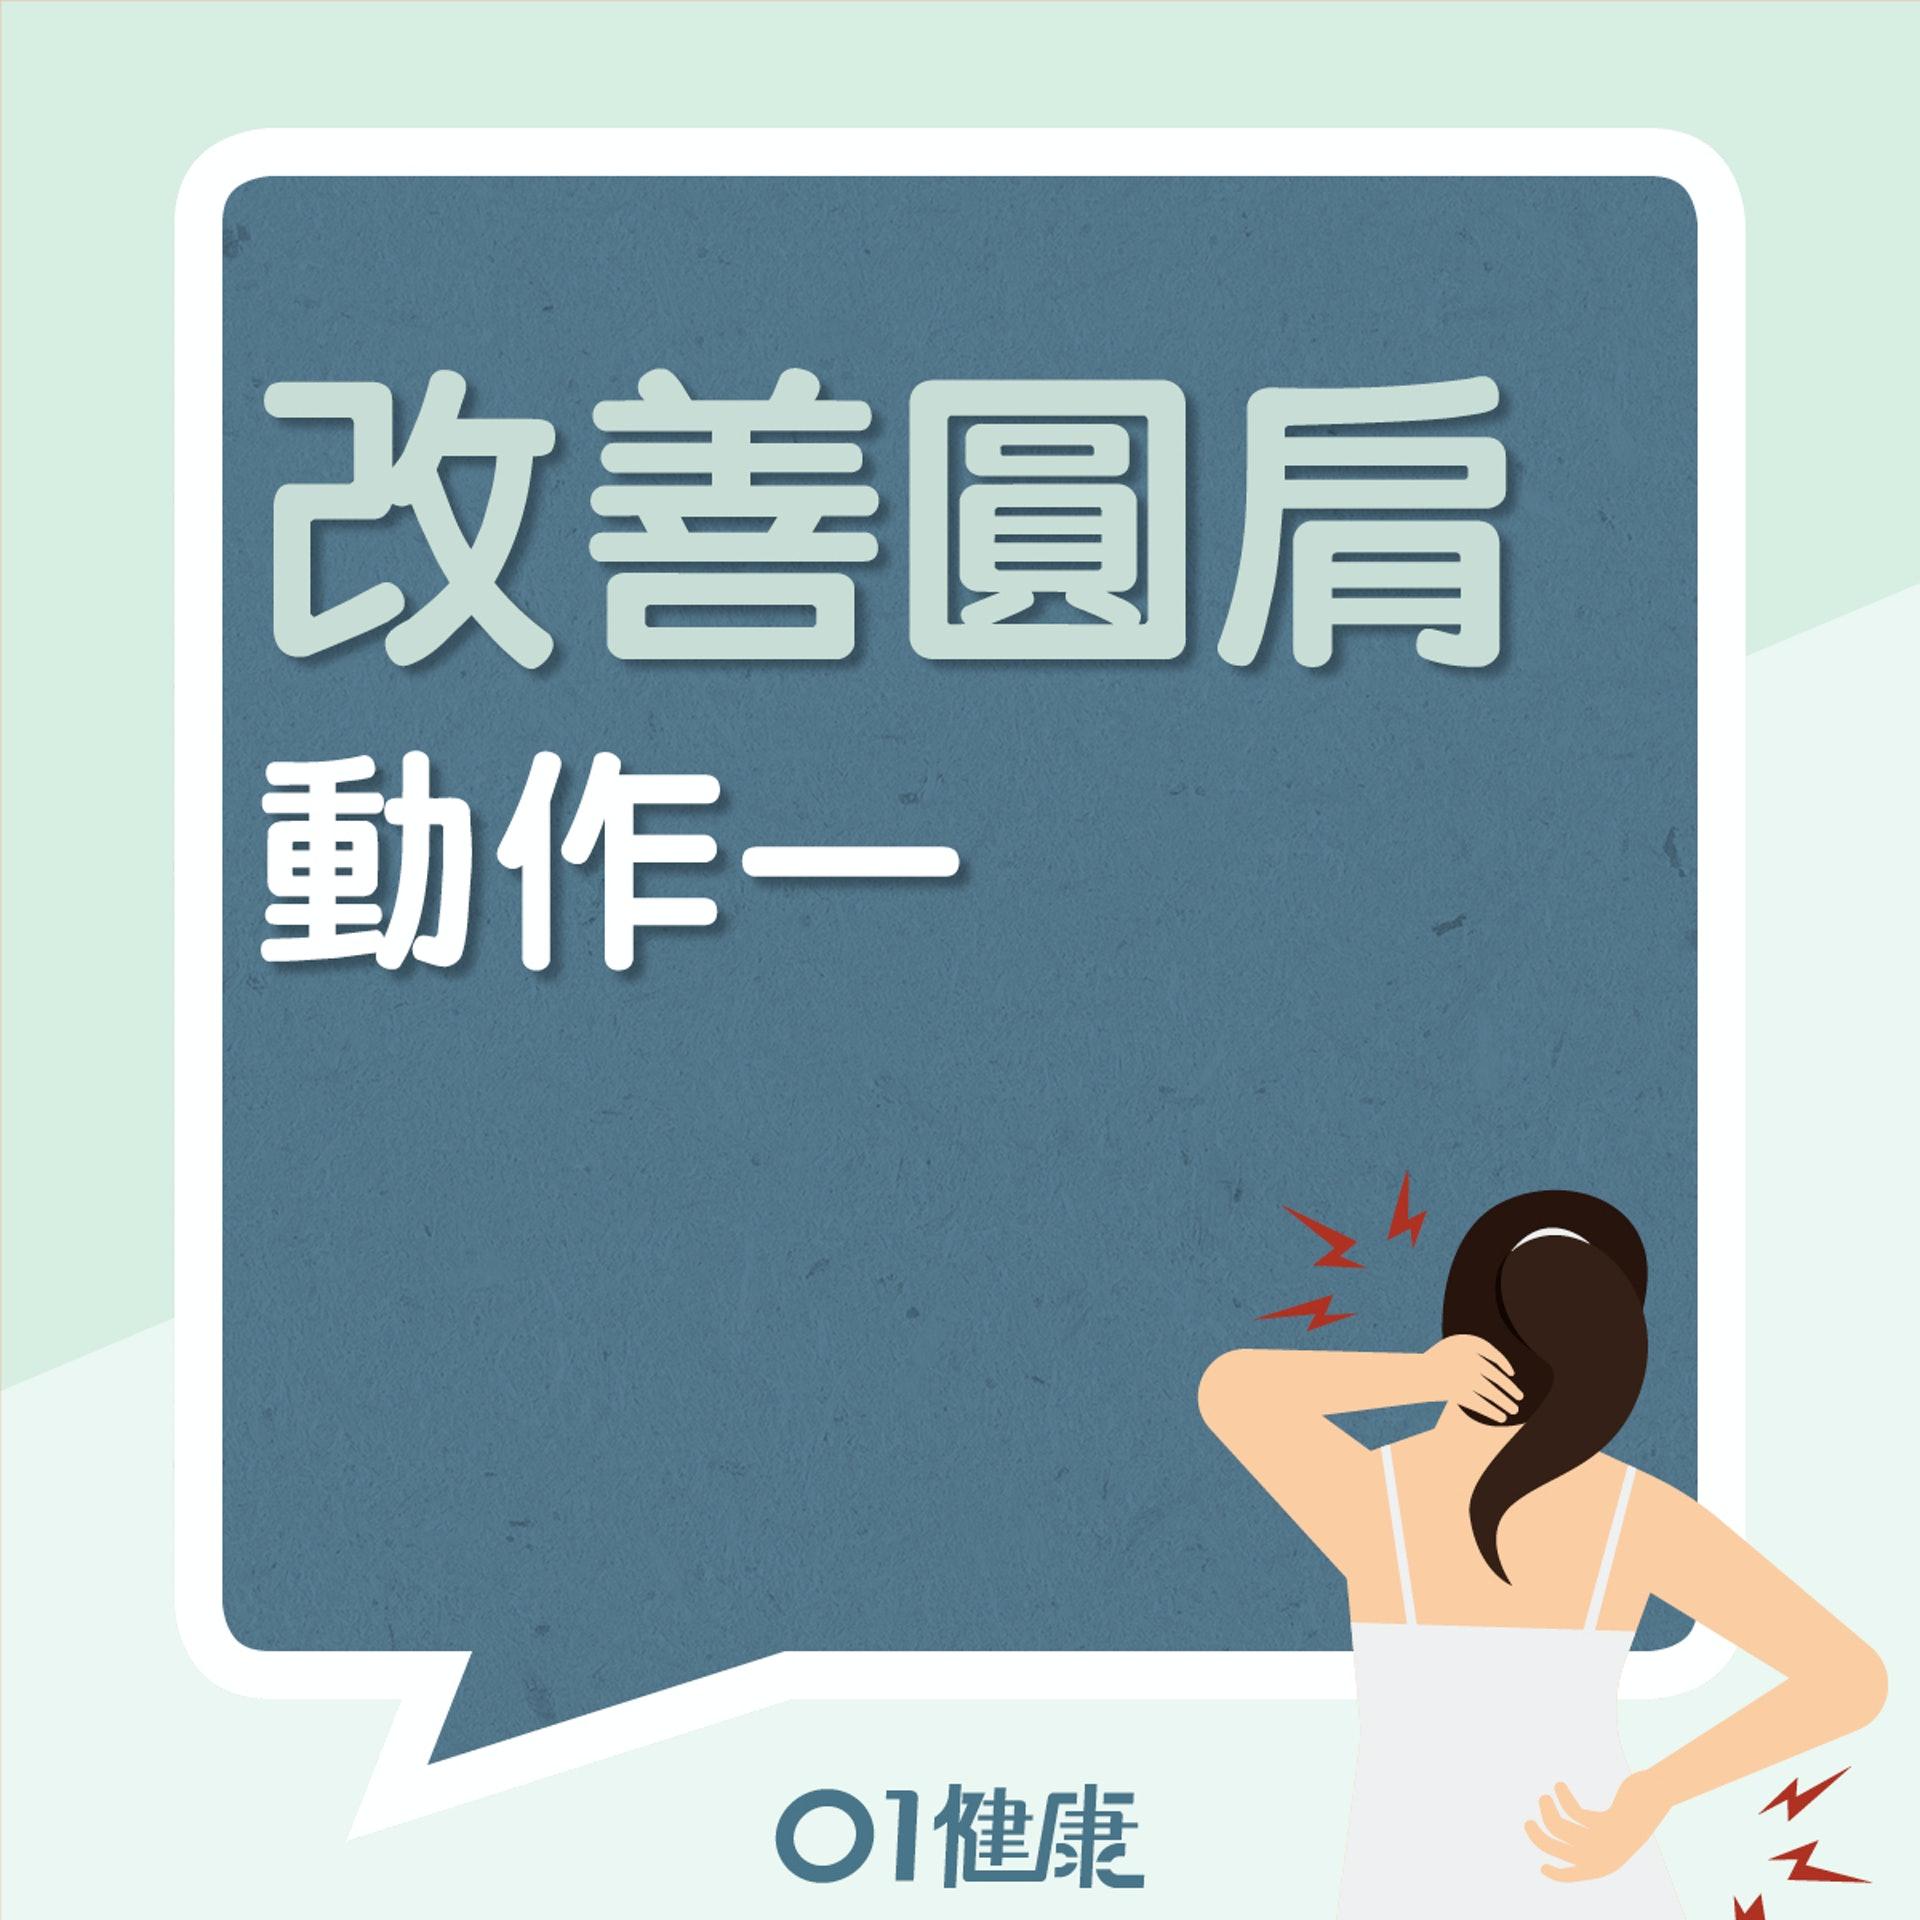 動作一教學(01製圖)